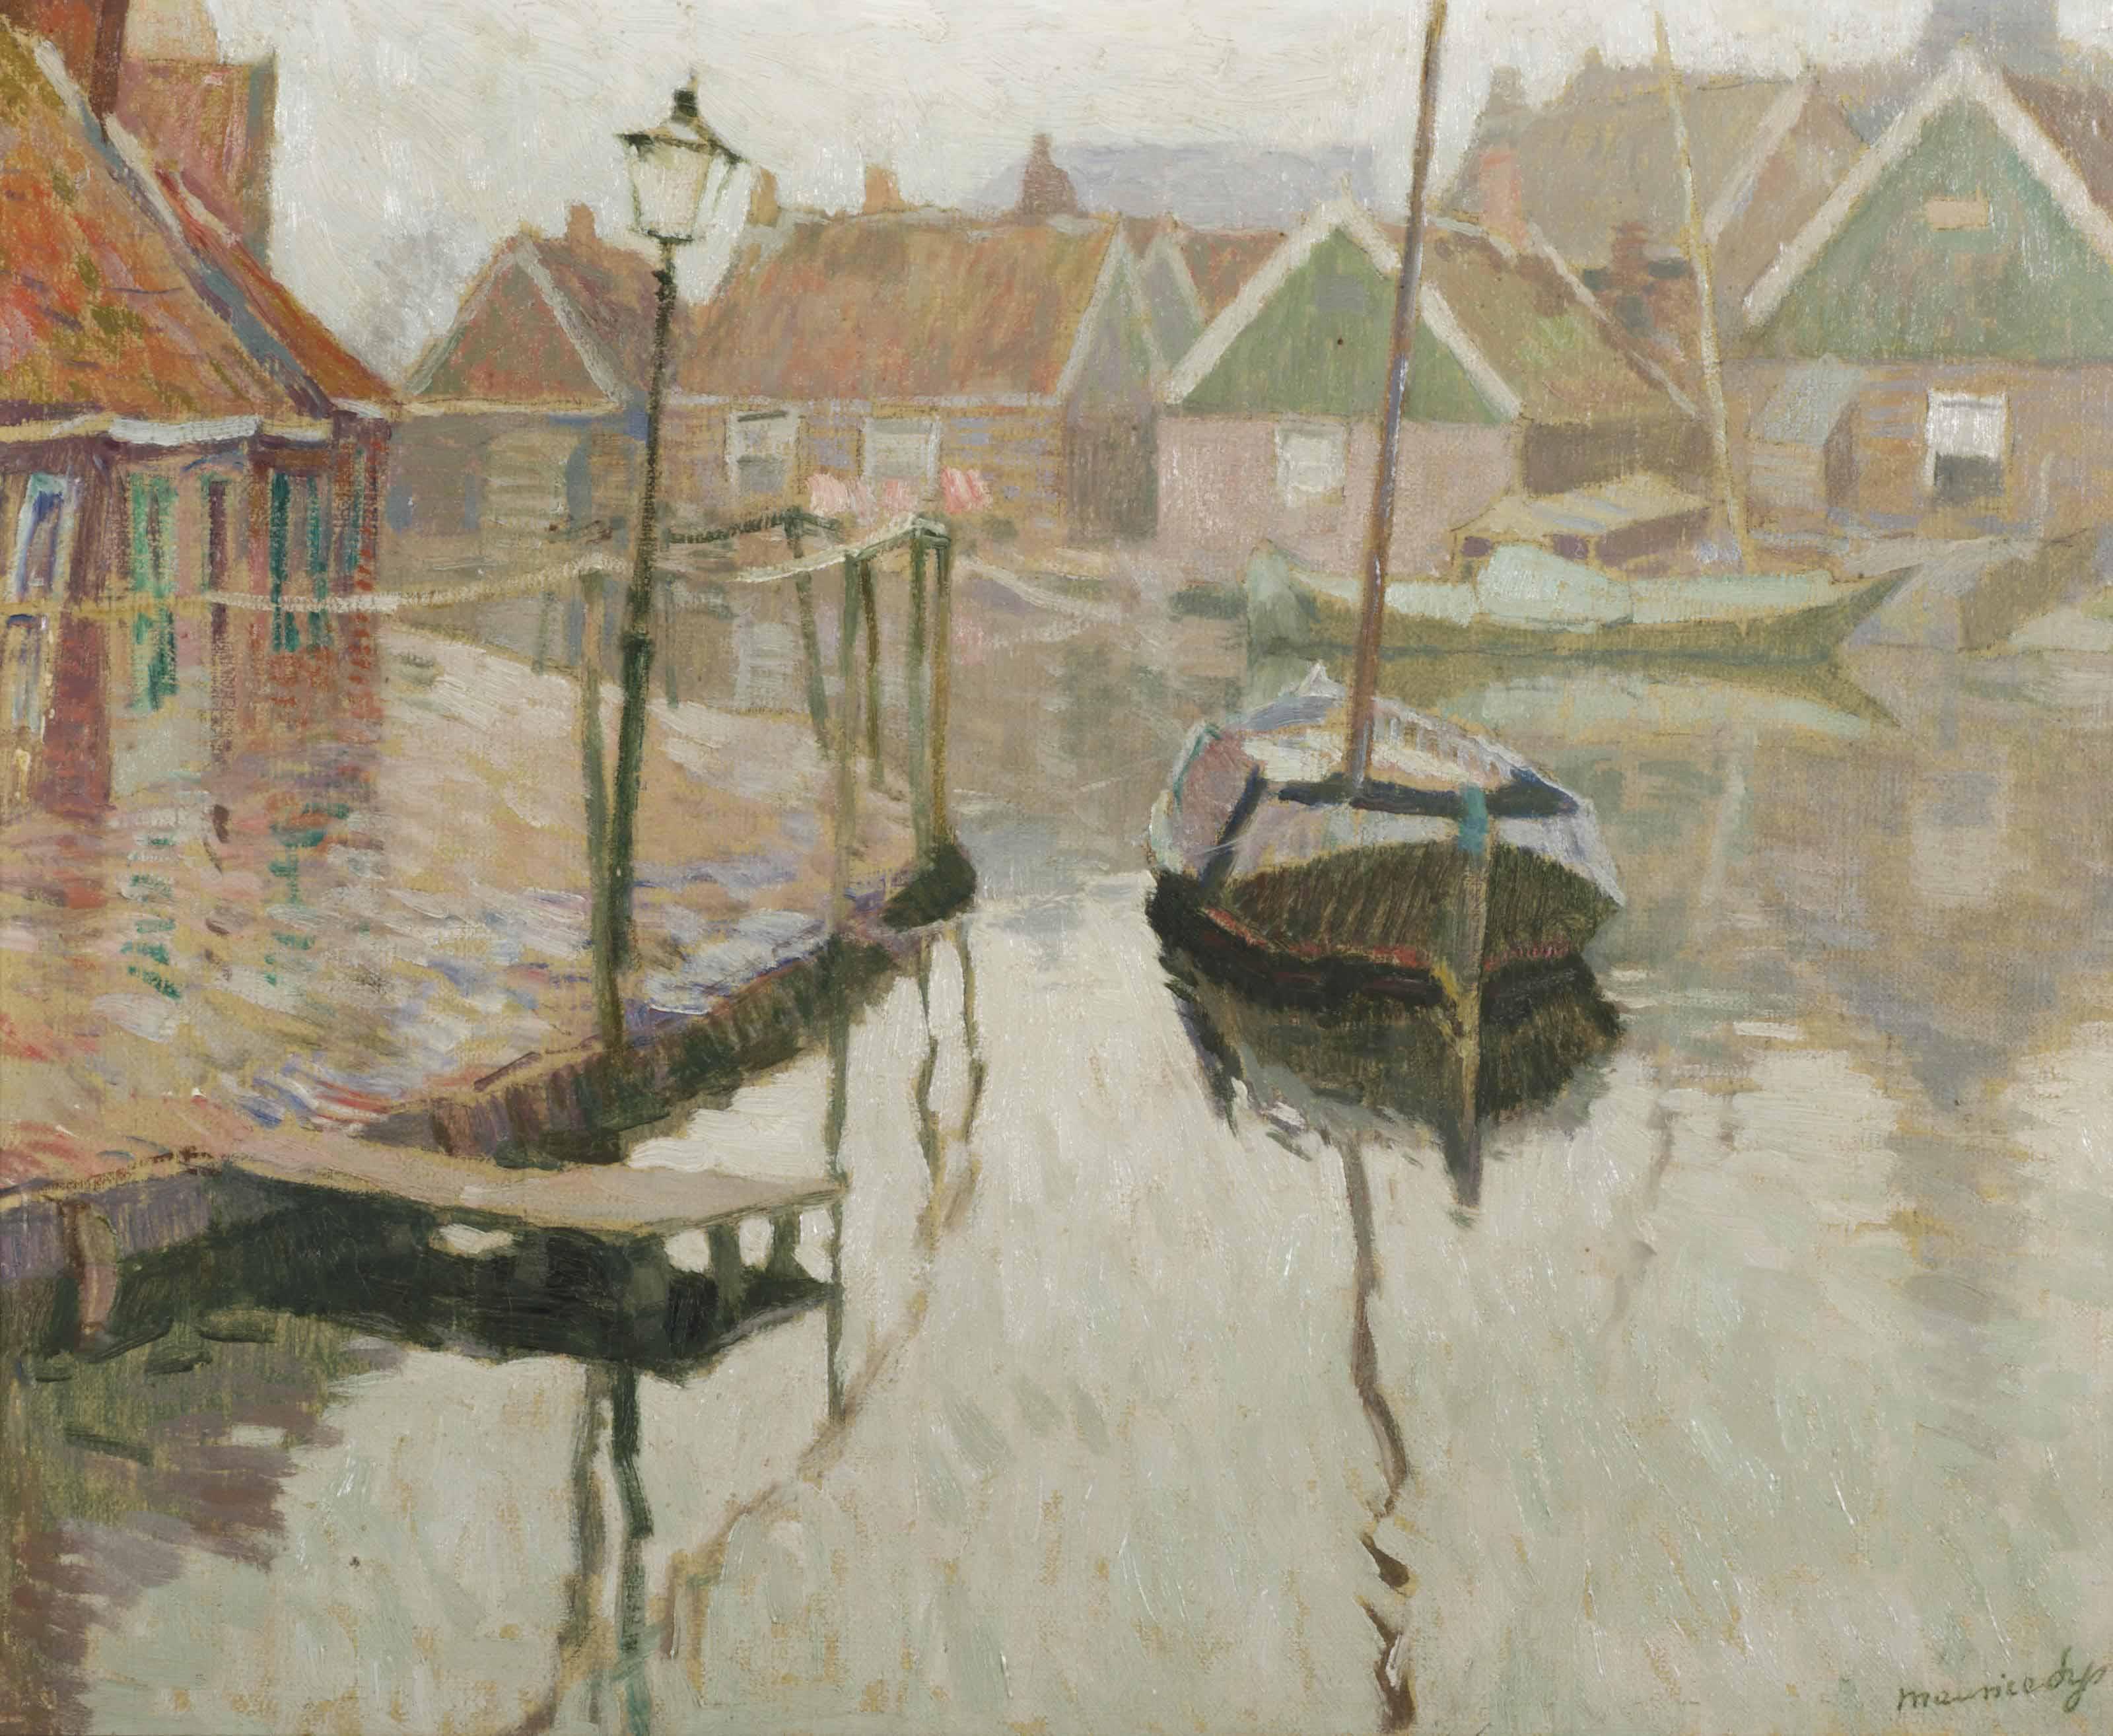 The harbour of Volendam